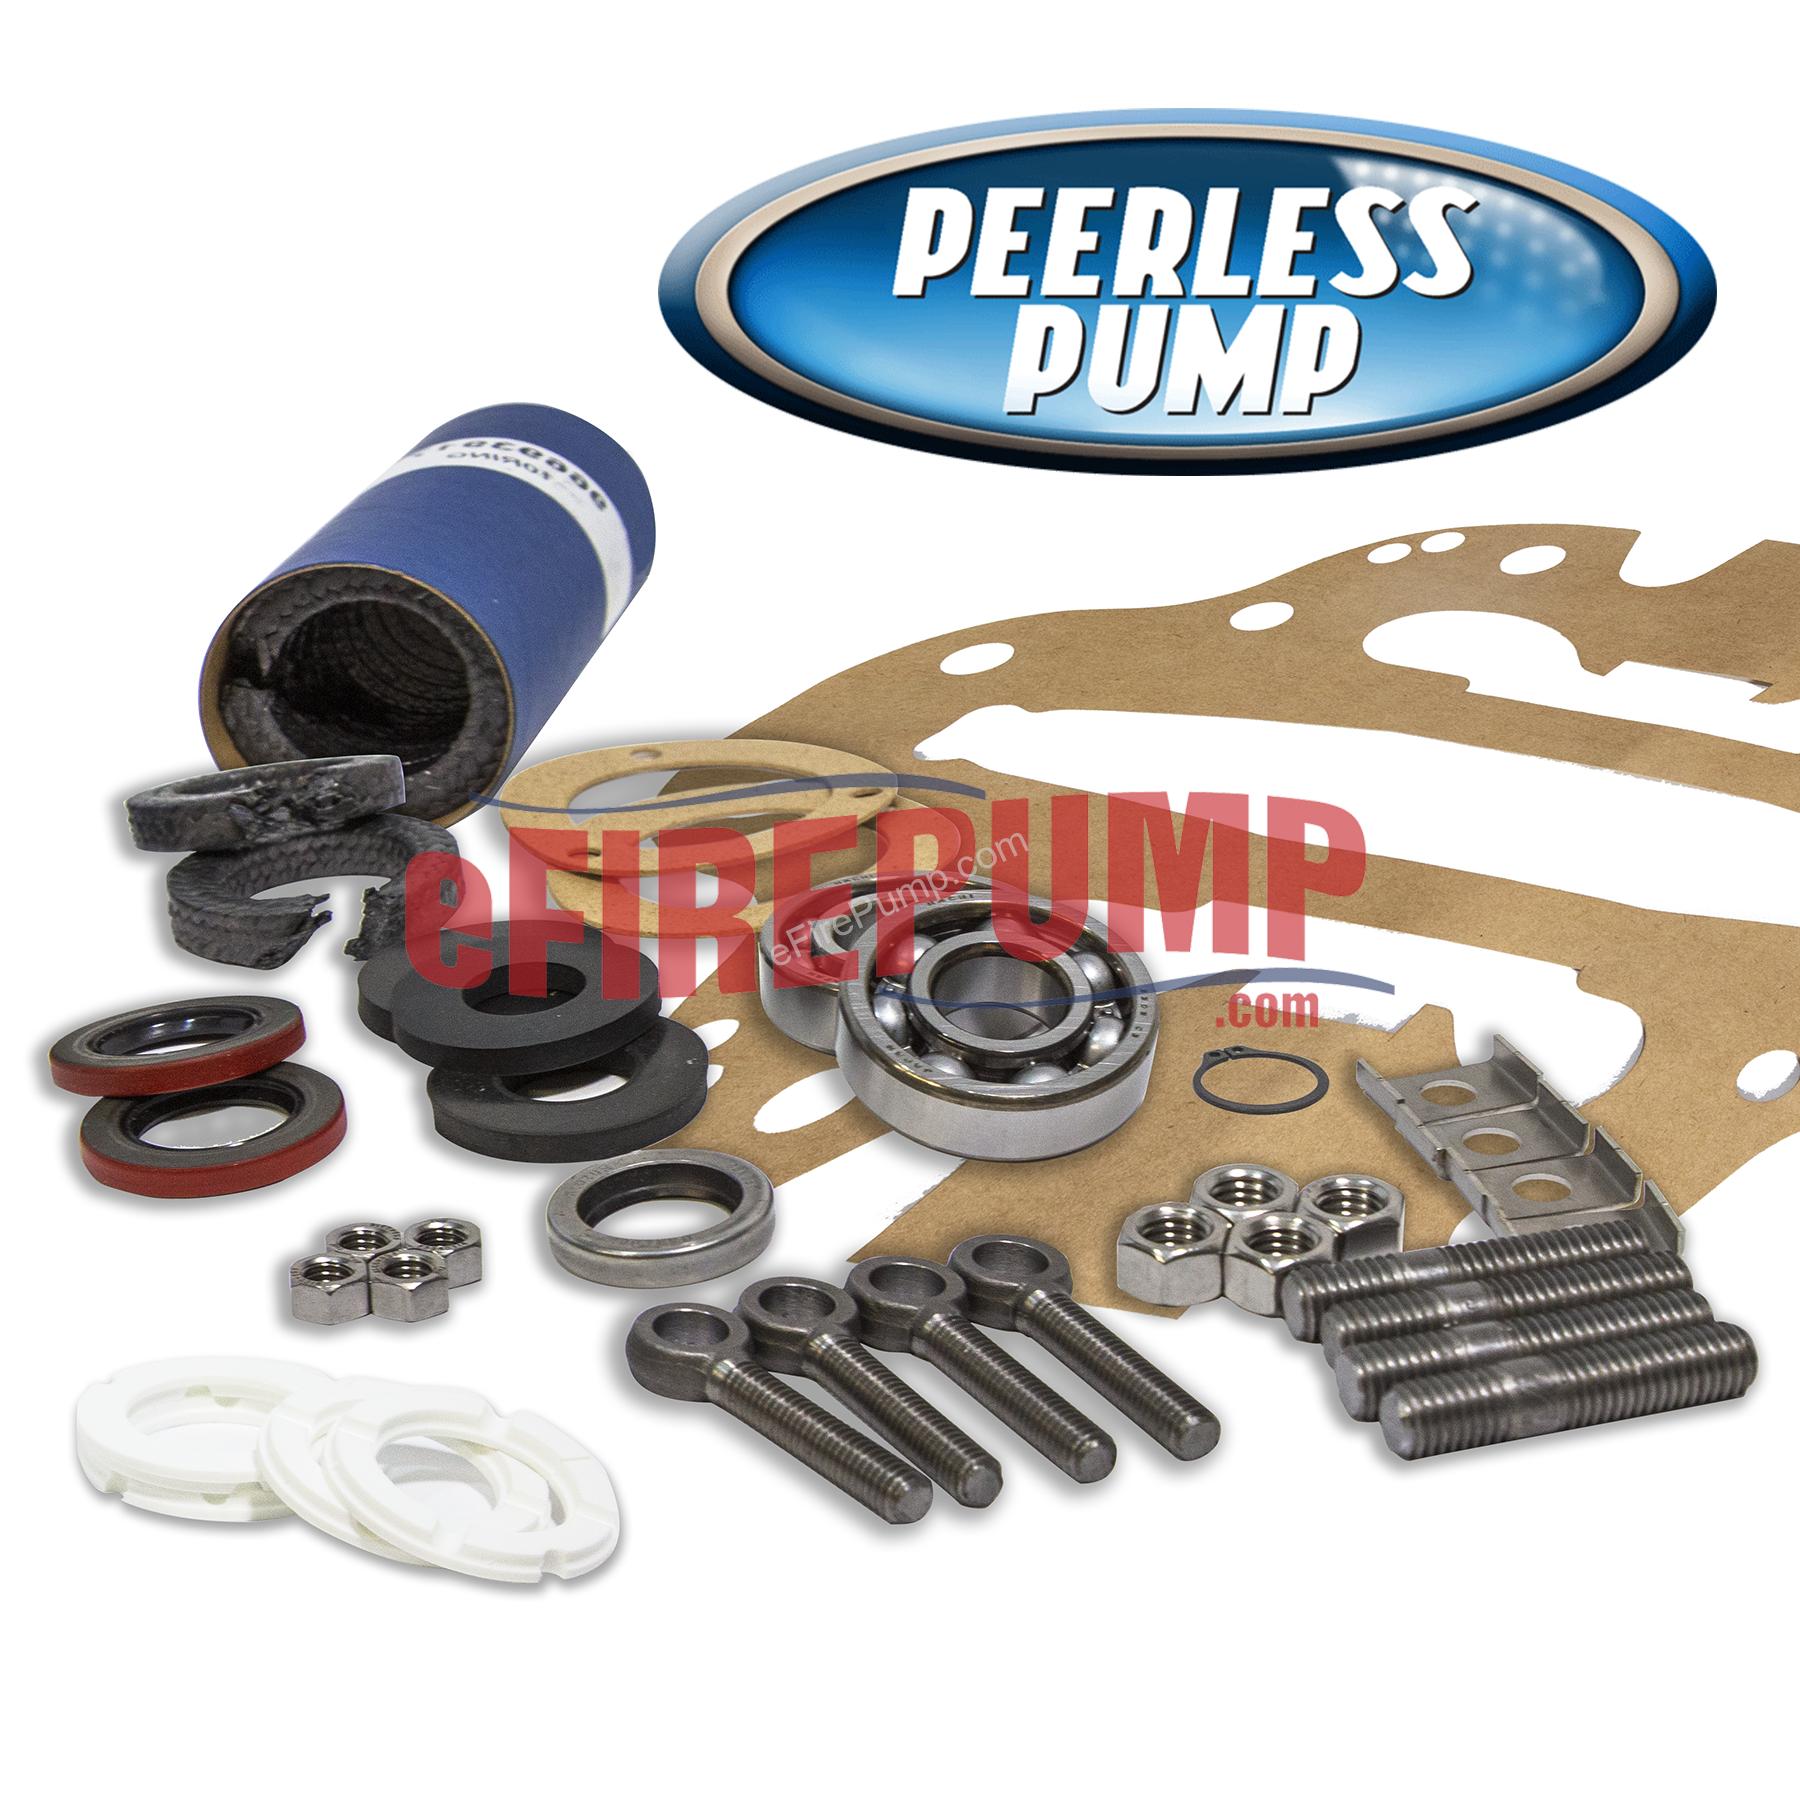 Peerless Fire Pump Repair / Repack Kits - AEF Group 3